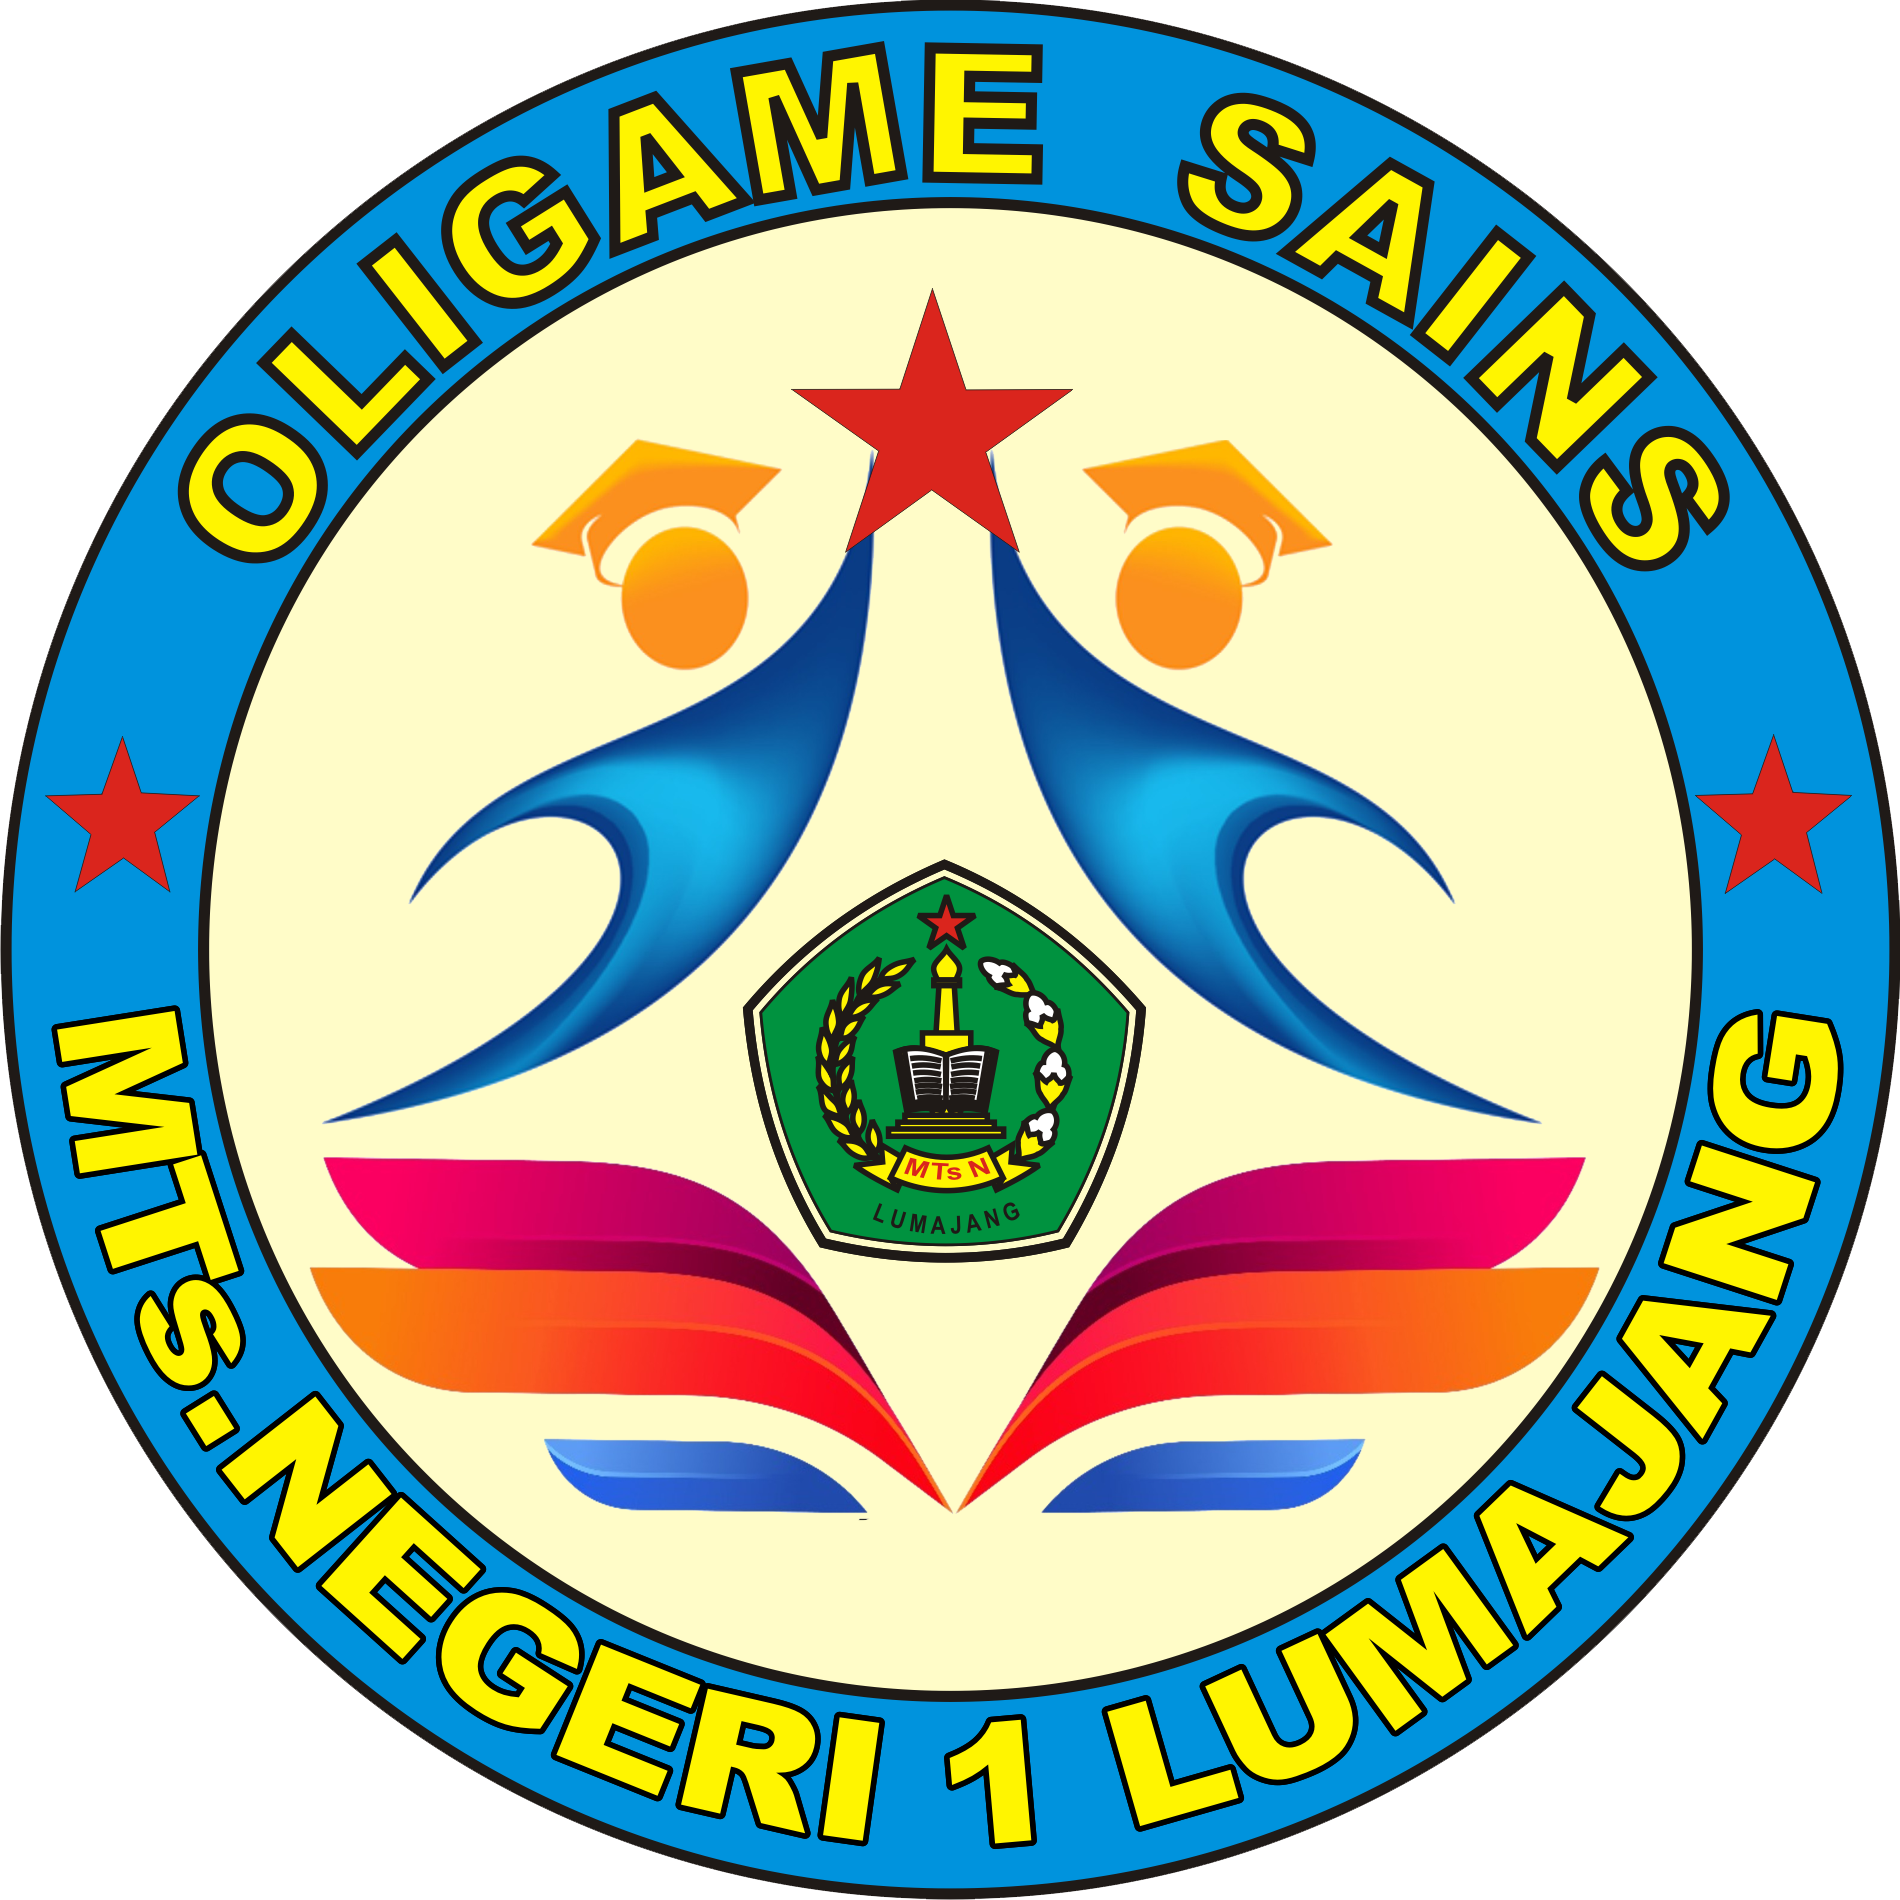 oligame